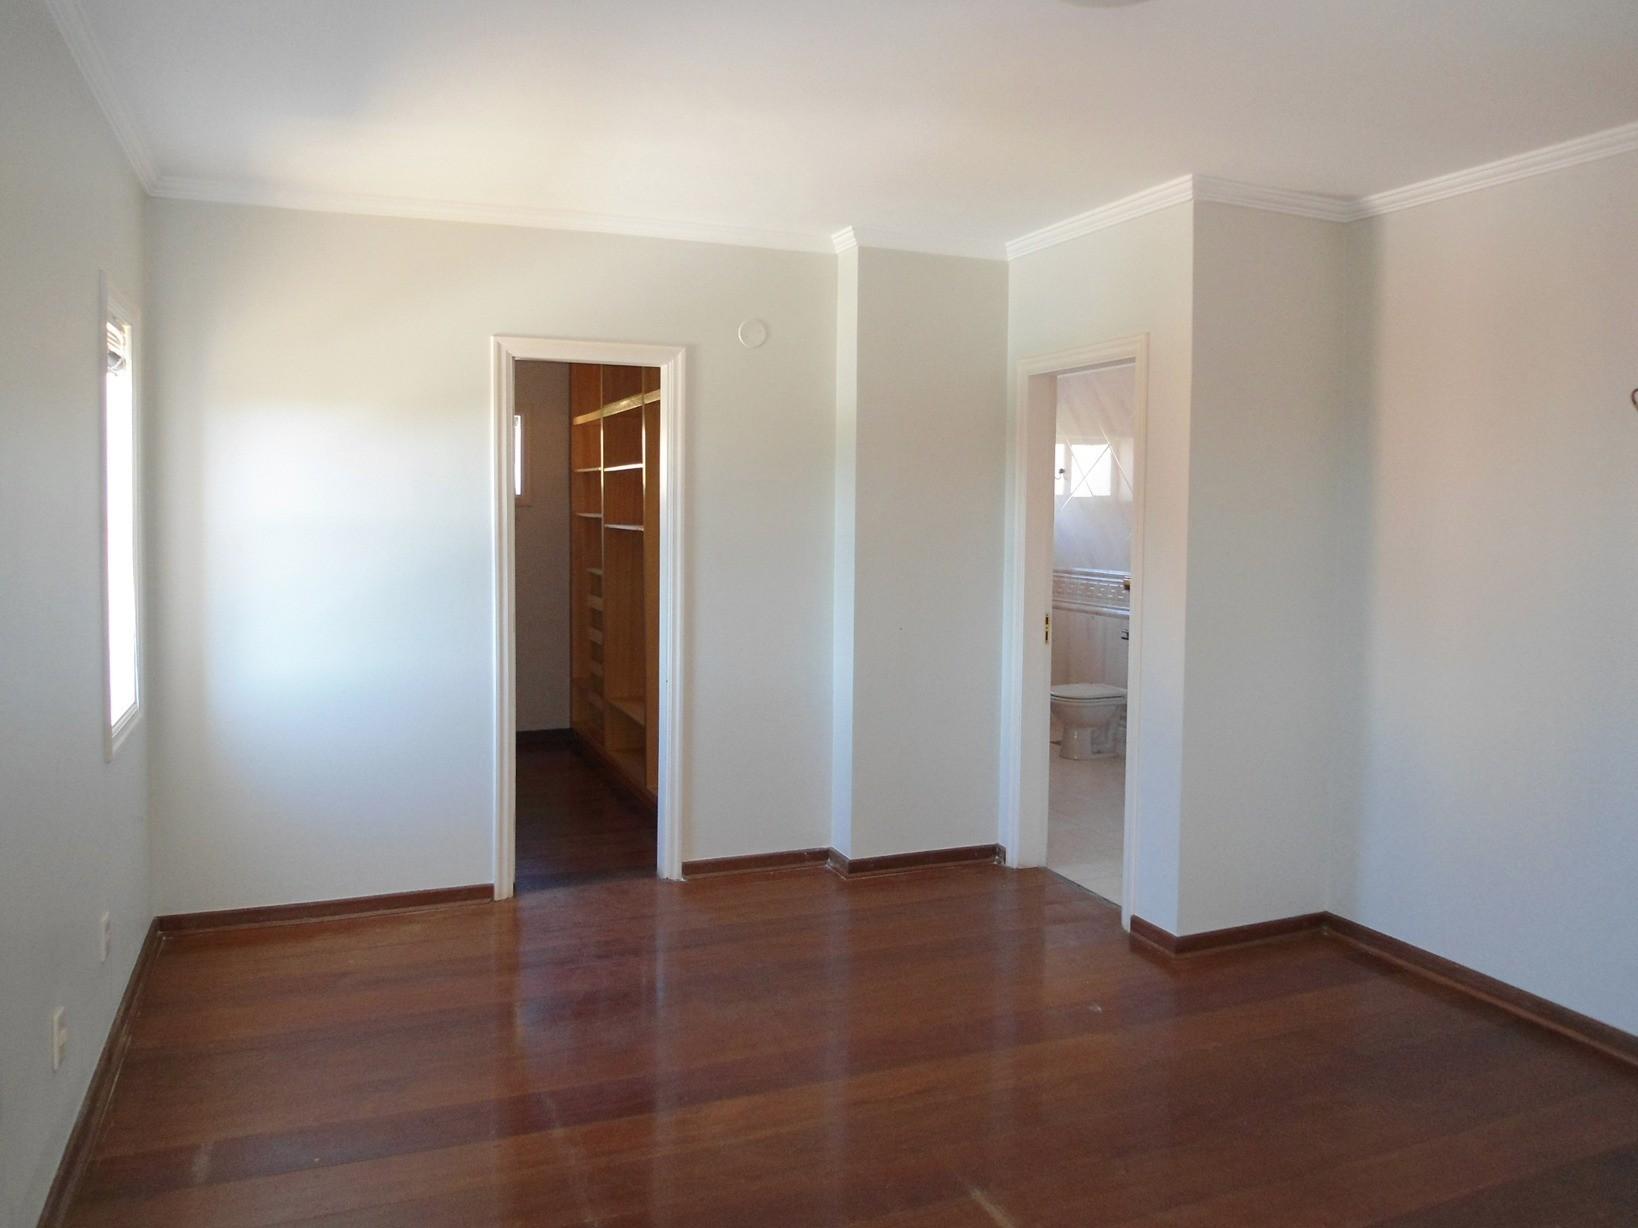 Sobrado de 5 dormitórios em Sousas, Campinas - SP